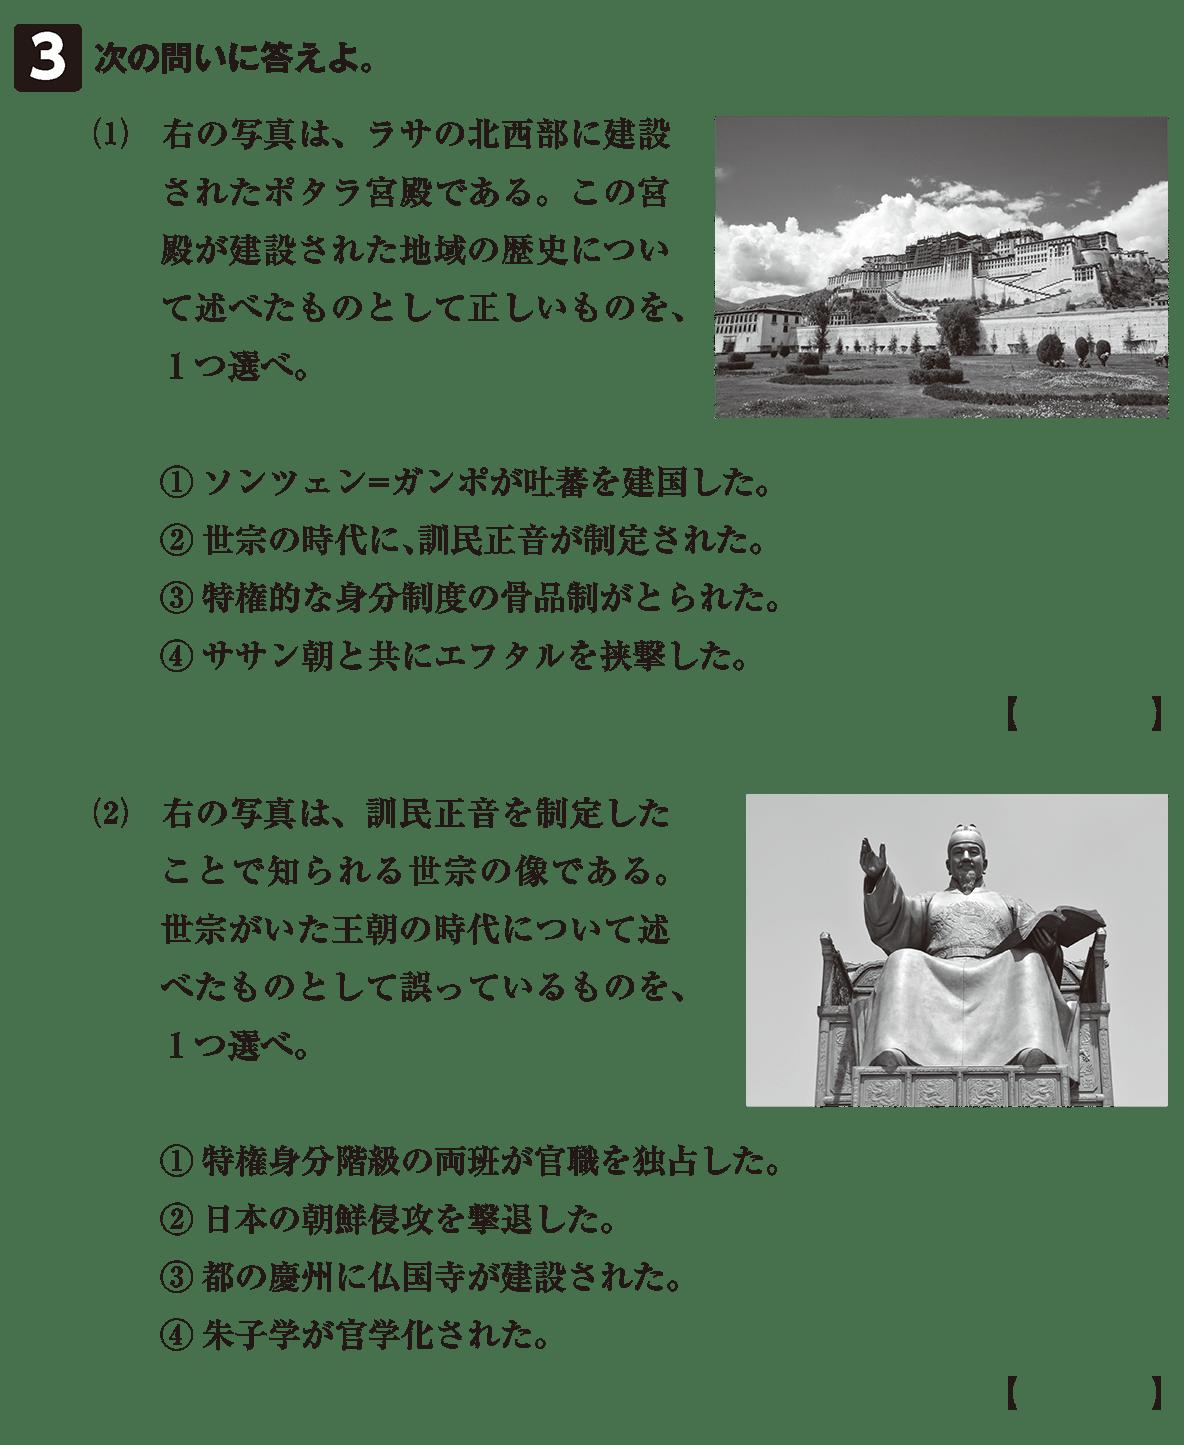 高校世界史 中国周辺地域史6 確認テスト(後半)問題3